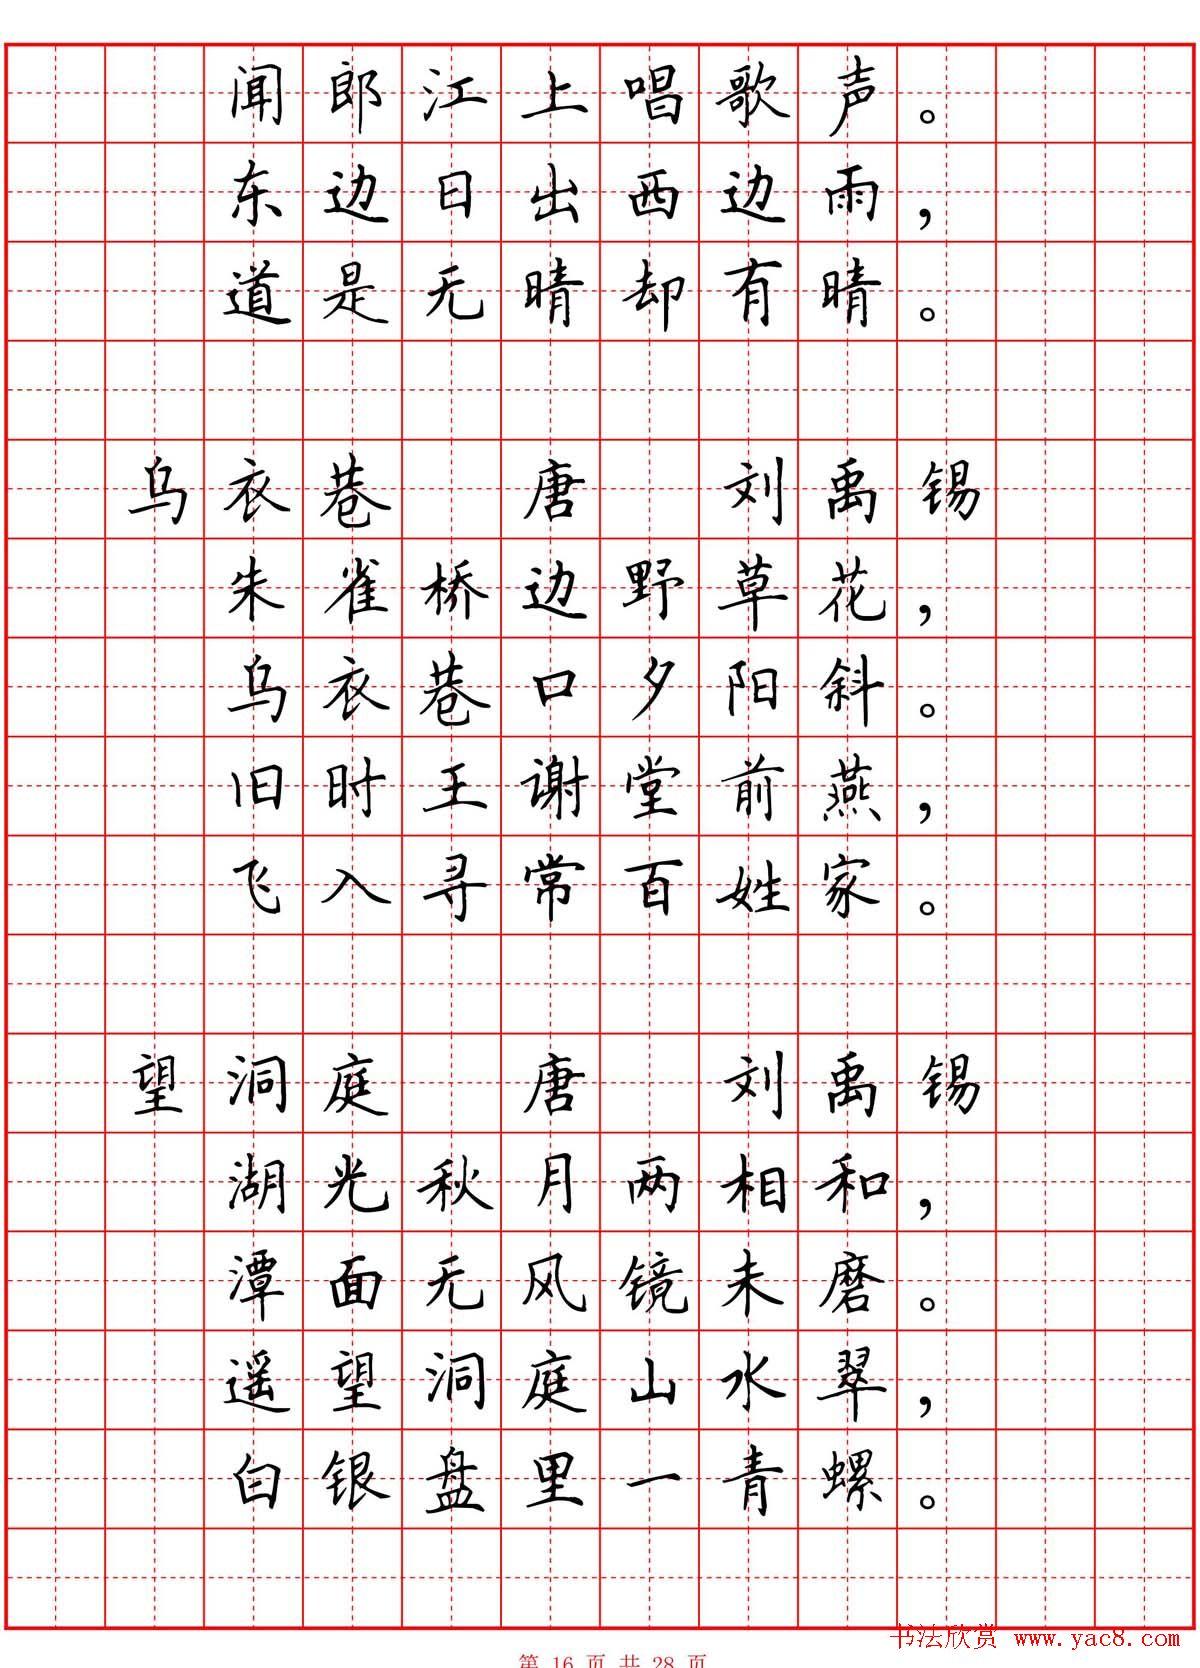 硬笔书法字帖 小学生必背古诗词八十首 第16页 钢笔字帖 书法欣赏图片